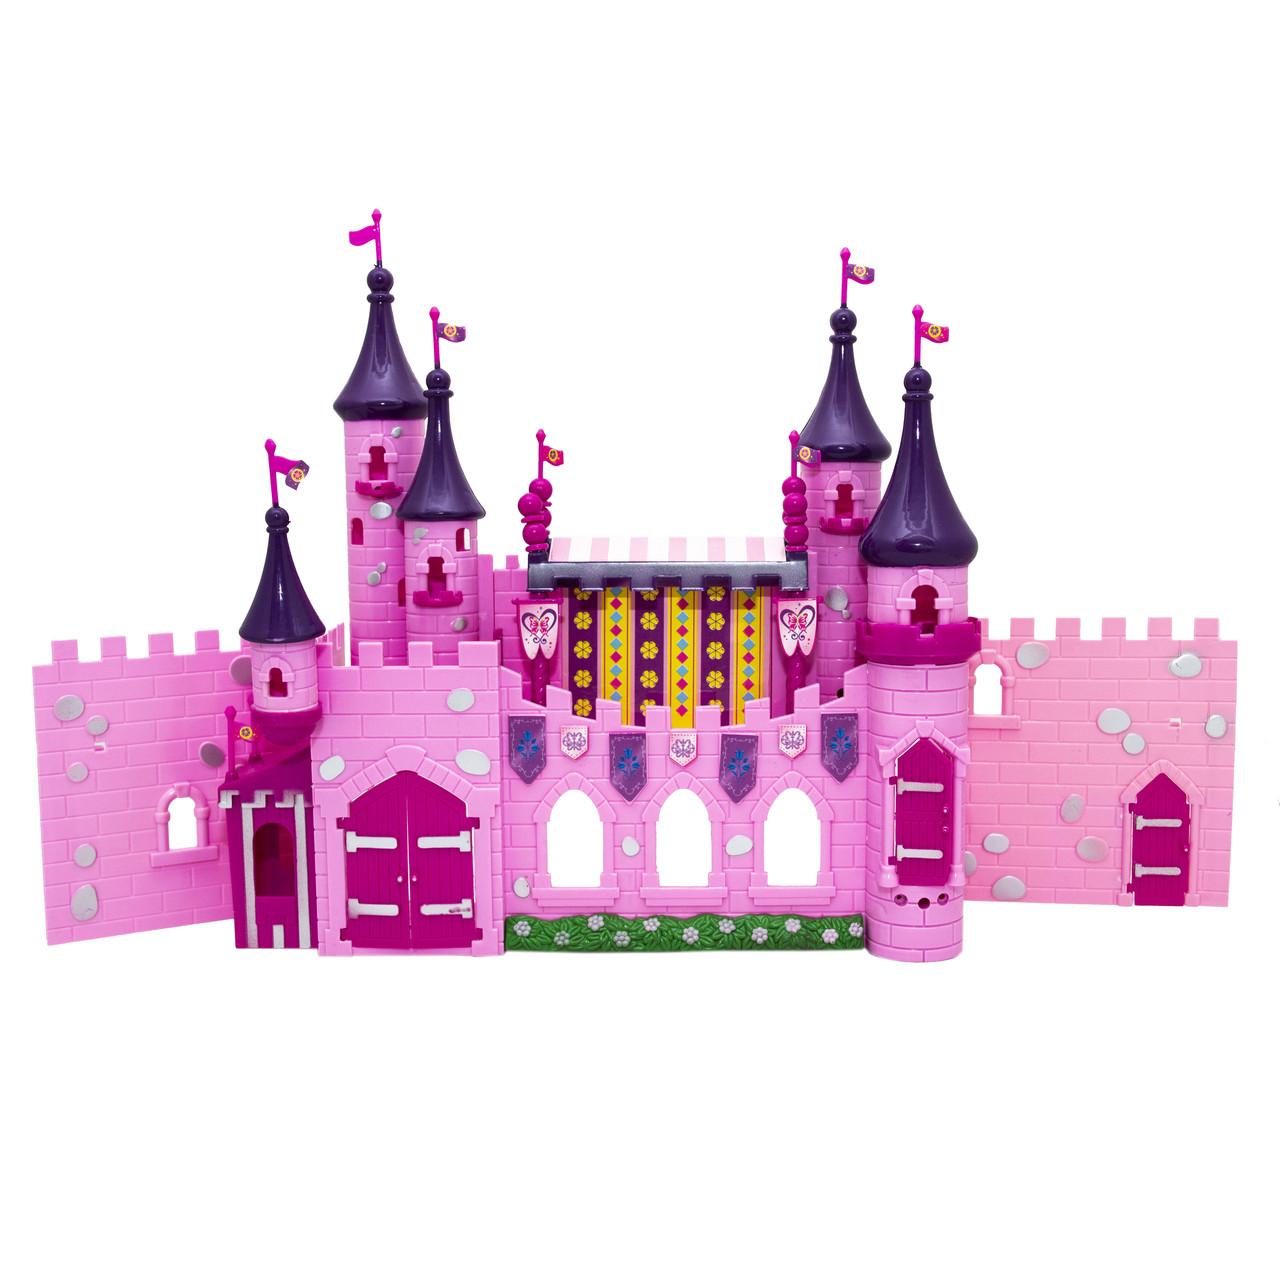 """Набор кукольный домик """"Замок"""" с мебелью и фигурками, розовый, 57,5х11,5х40 см (16647)"""